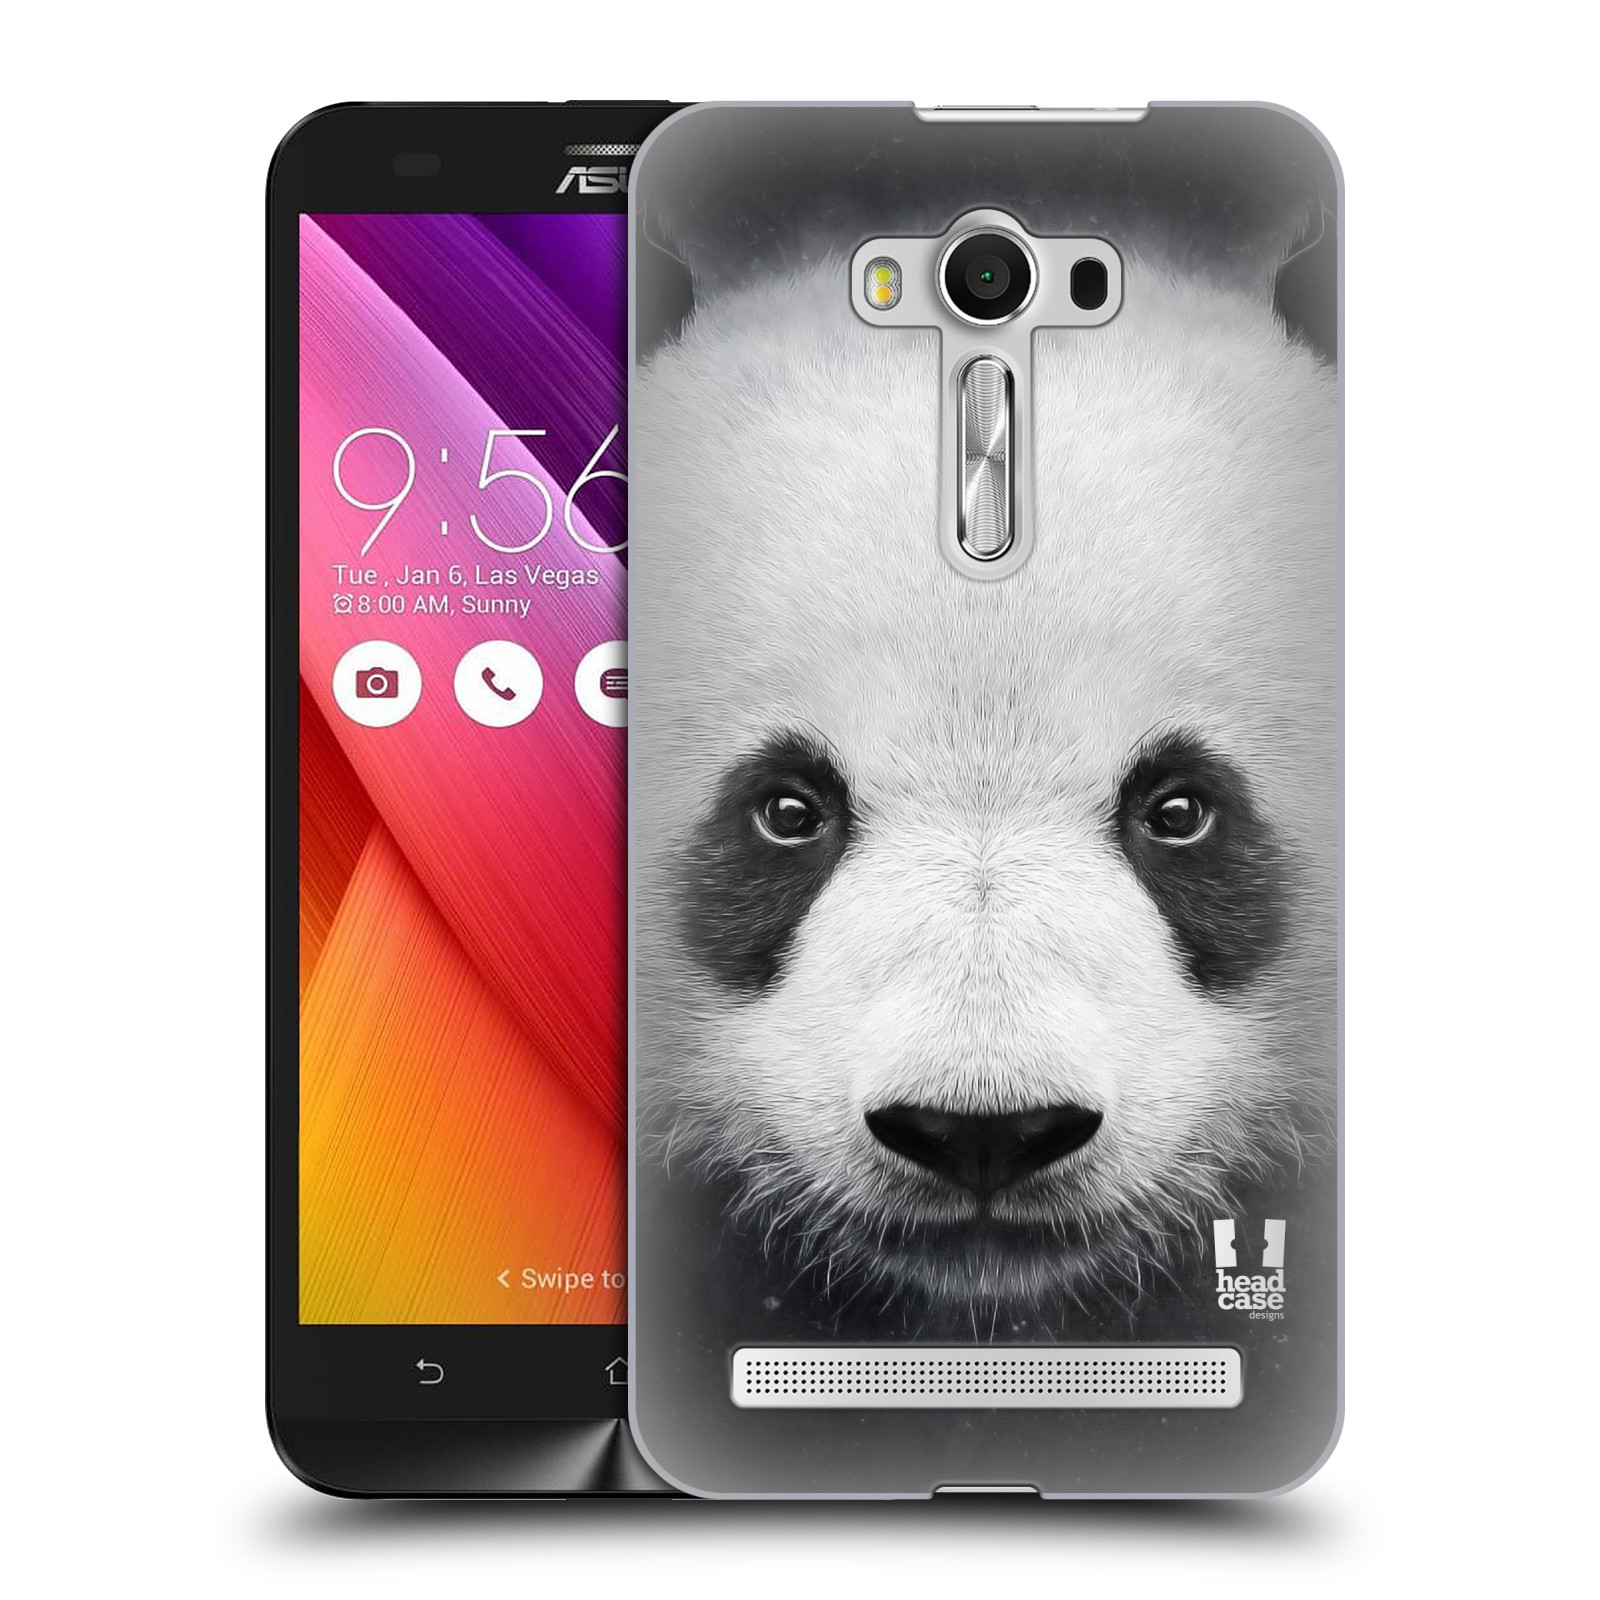 HEAD CASE plastový obal na mobil Asus Zenfone 2 LASER (5,5 displej ZE550KL) vzor Zvířecí tváře medvěd panda